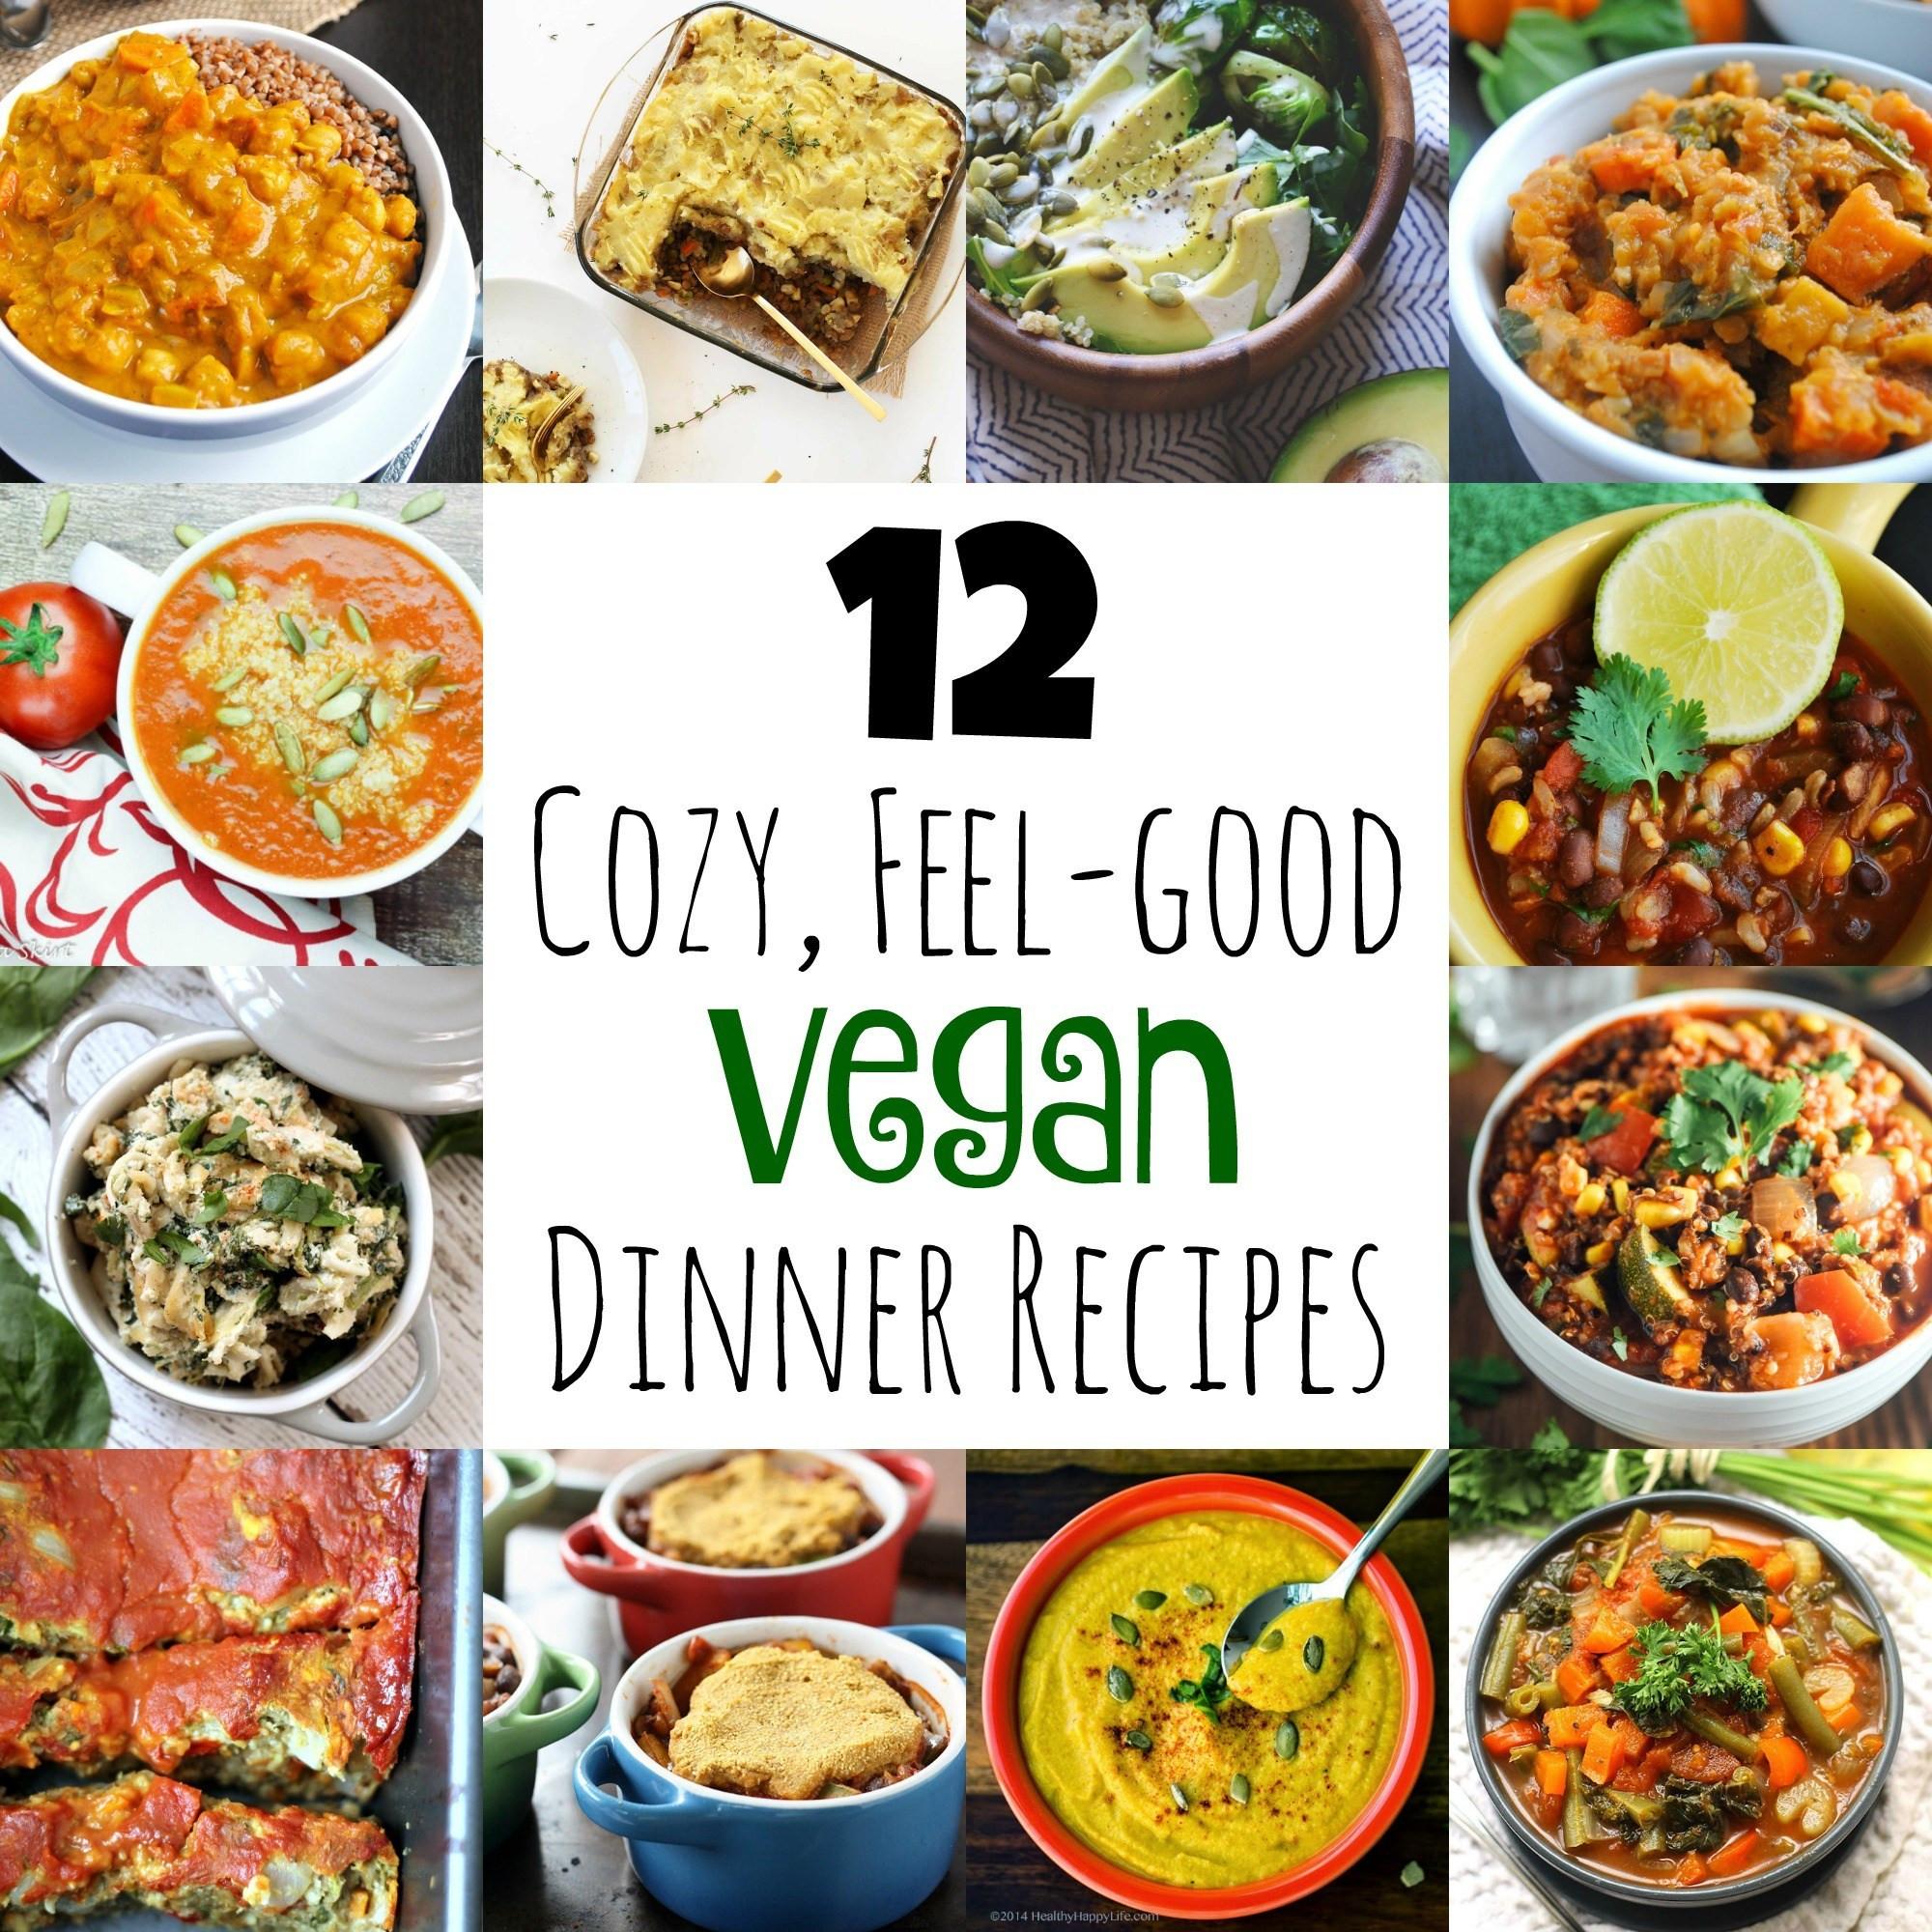 Vegan Dinner For Two  12 Cozy Feel Good Vegan Dinner Recipes